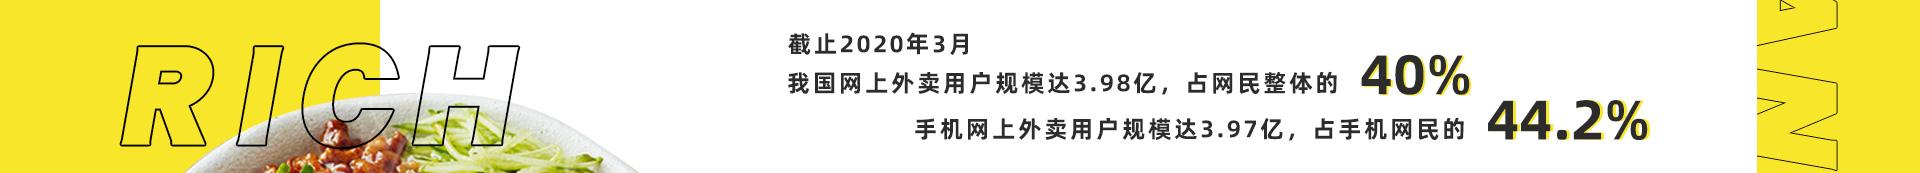 饭戒外卖饭戒详情页_08